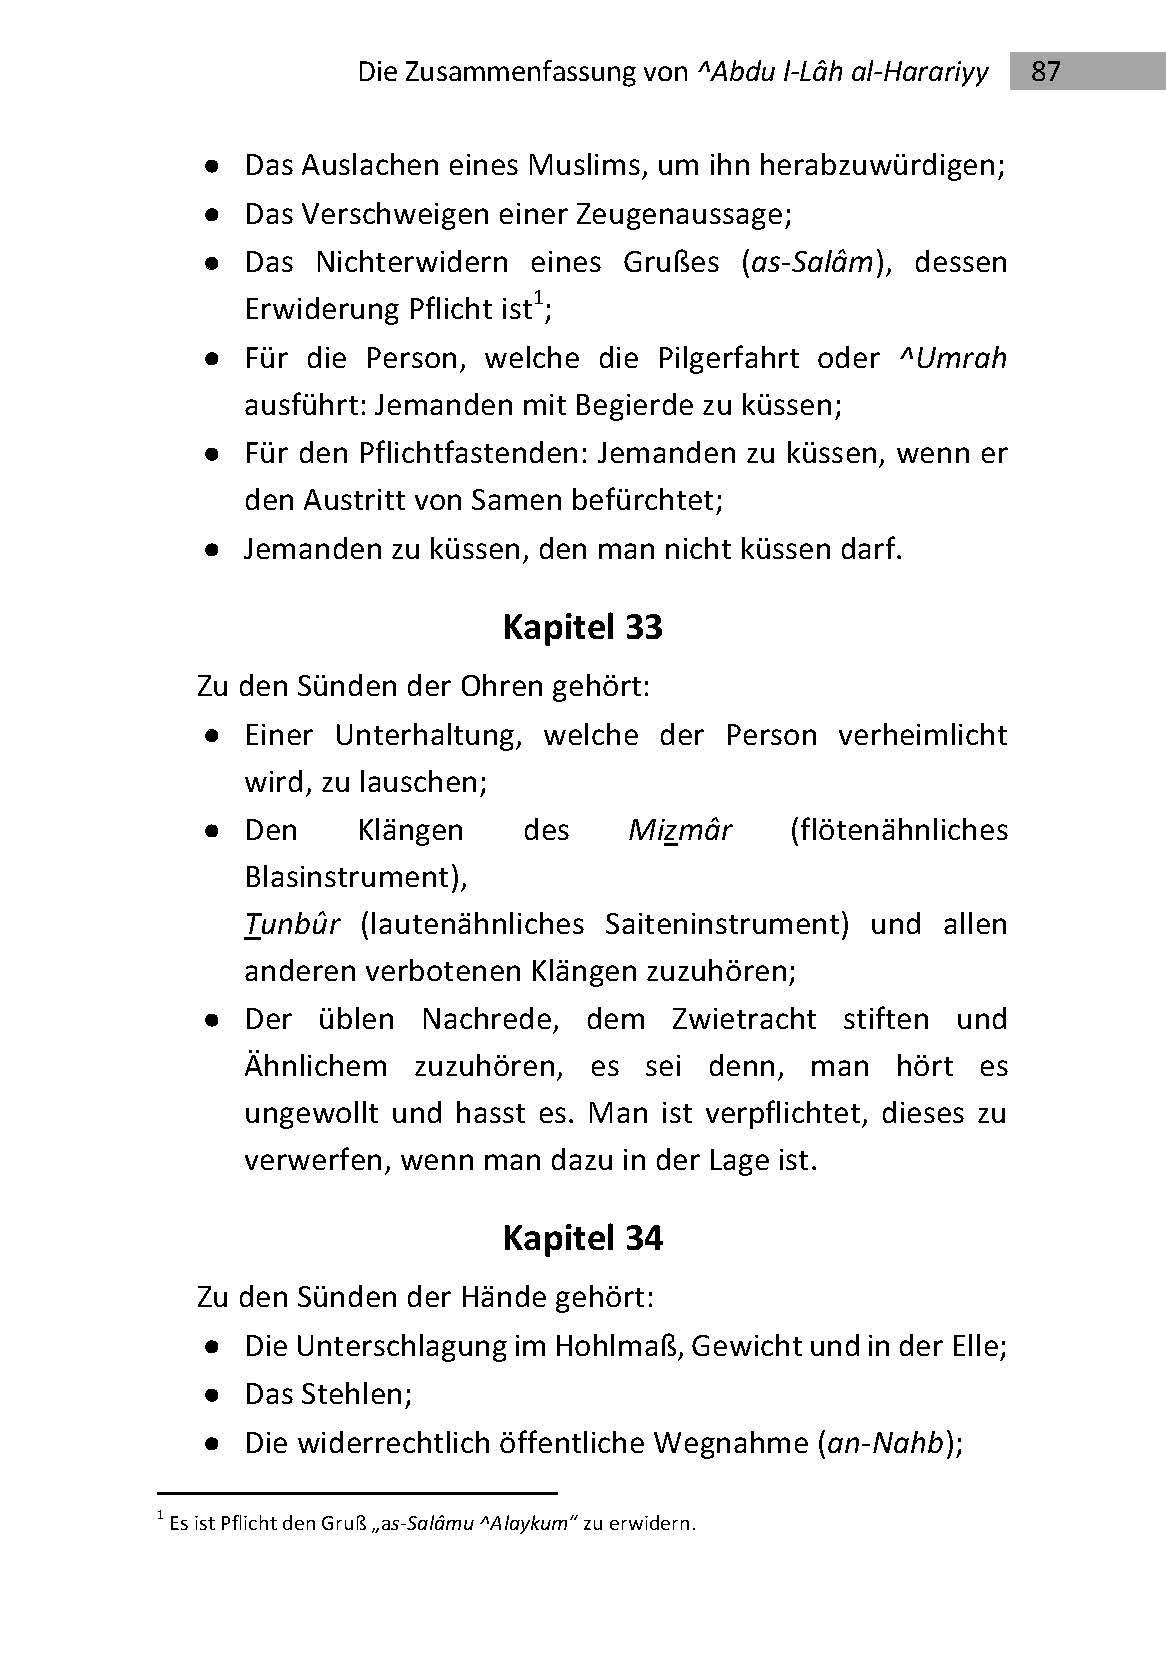 Die Zusammenfassung - 3. Auflage 2014_Seite_87